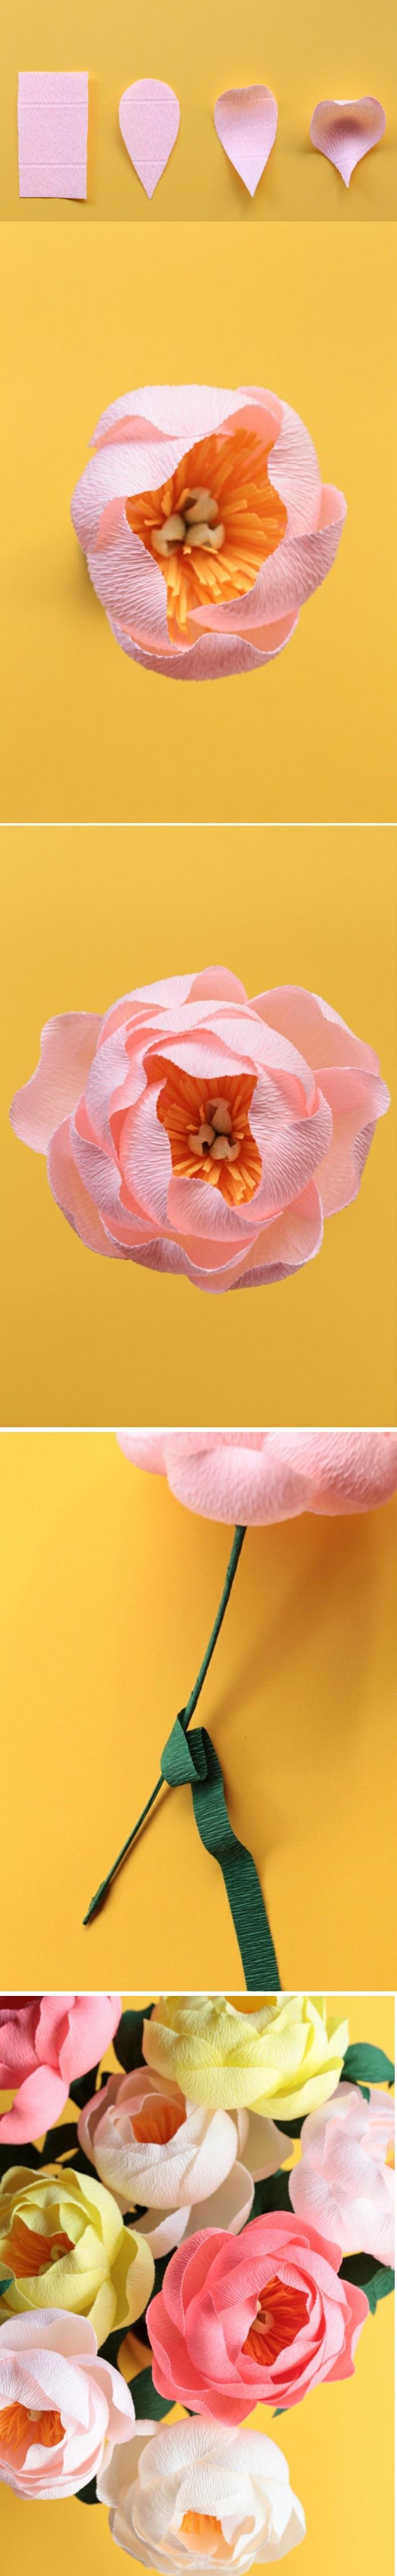 blumenblätter aus papier, blumenstrauß, kunstblumen aus krepppapier